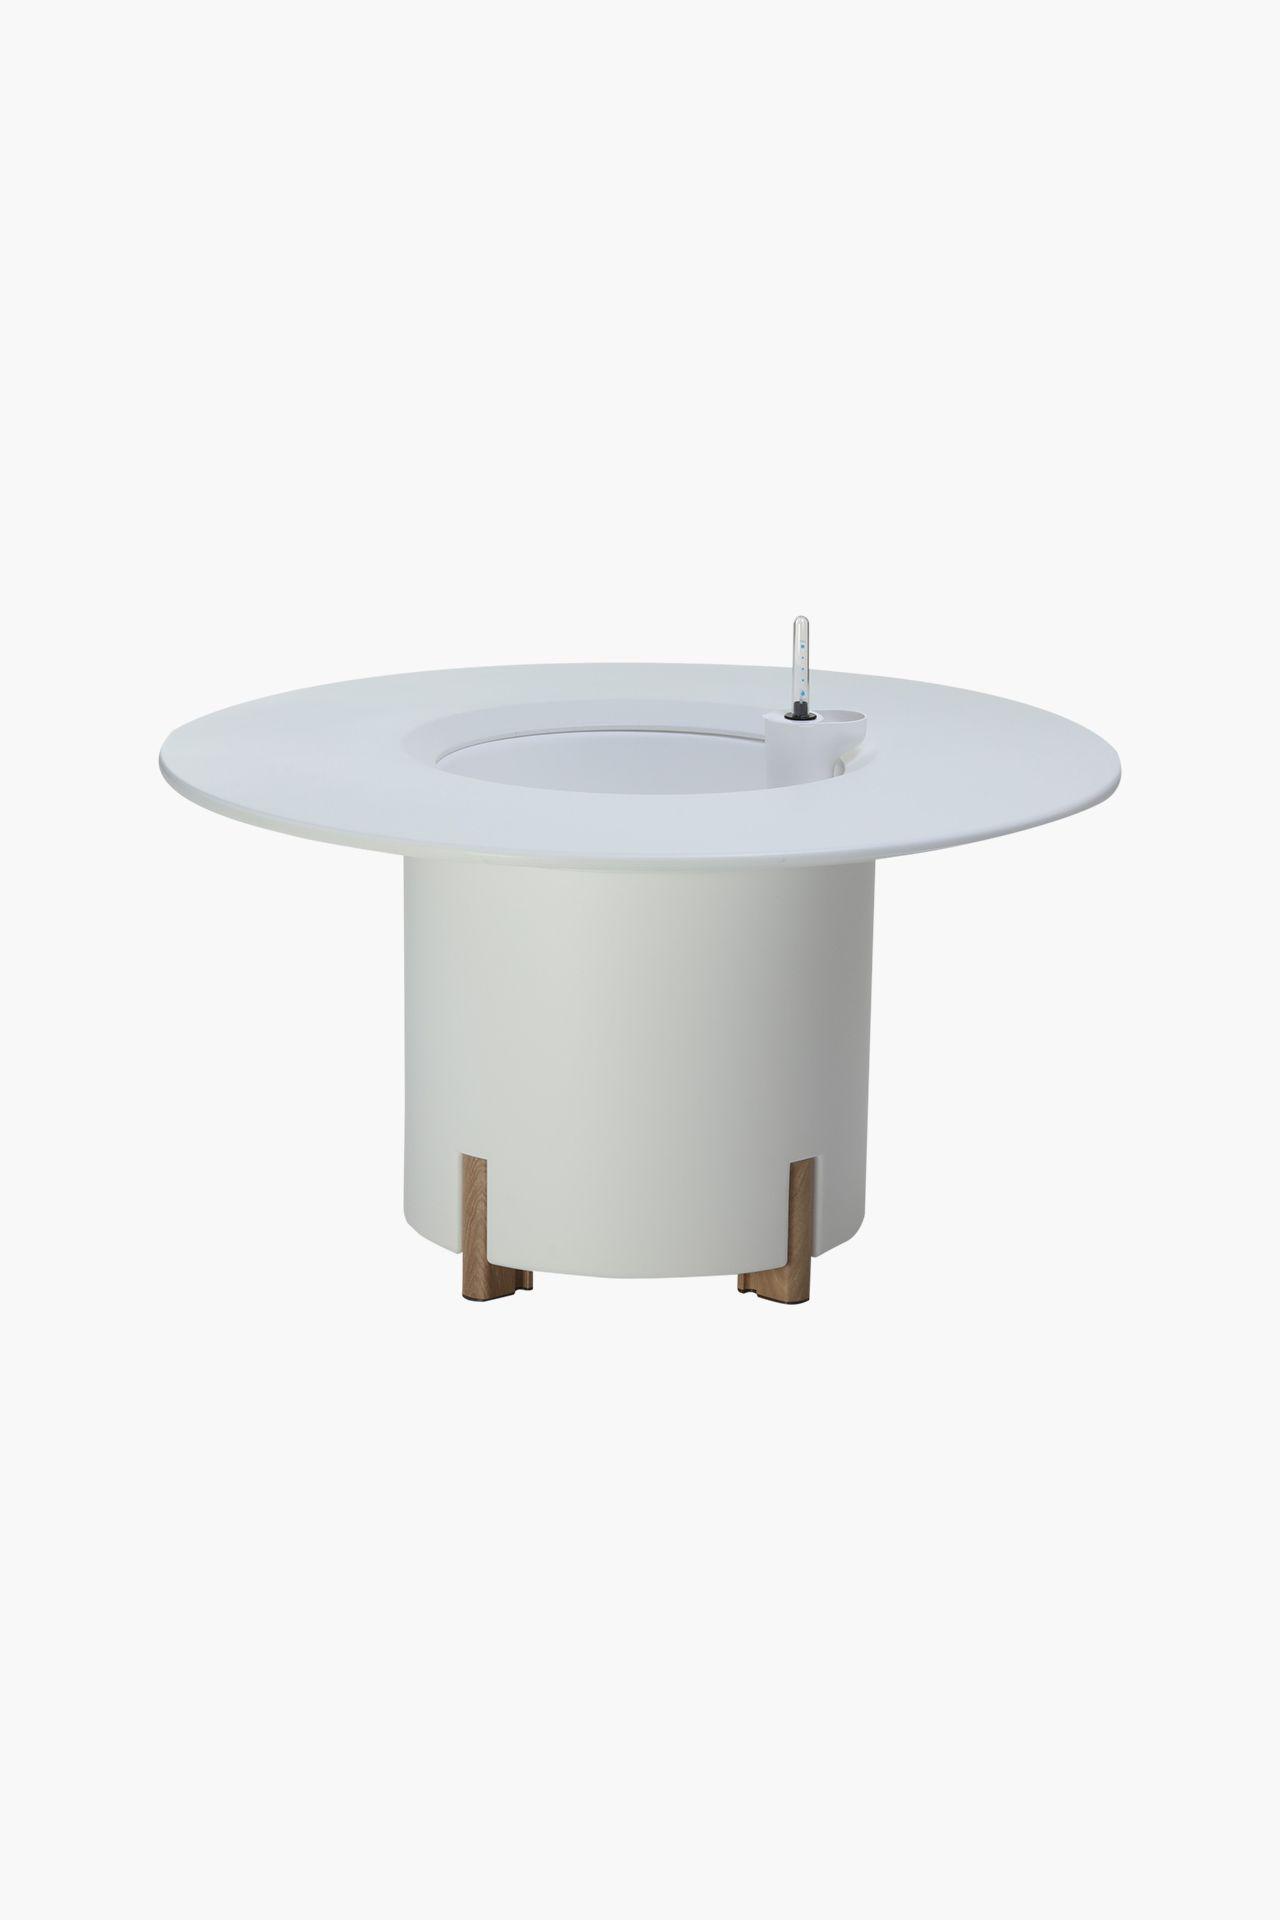 pflanzk bel tischplatte kunststoff rund mondum tondo 80 cm wei ebay. Black Bedroom Furniture Sets. Home Design Ideas